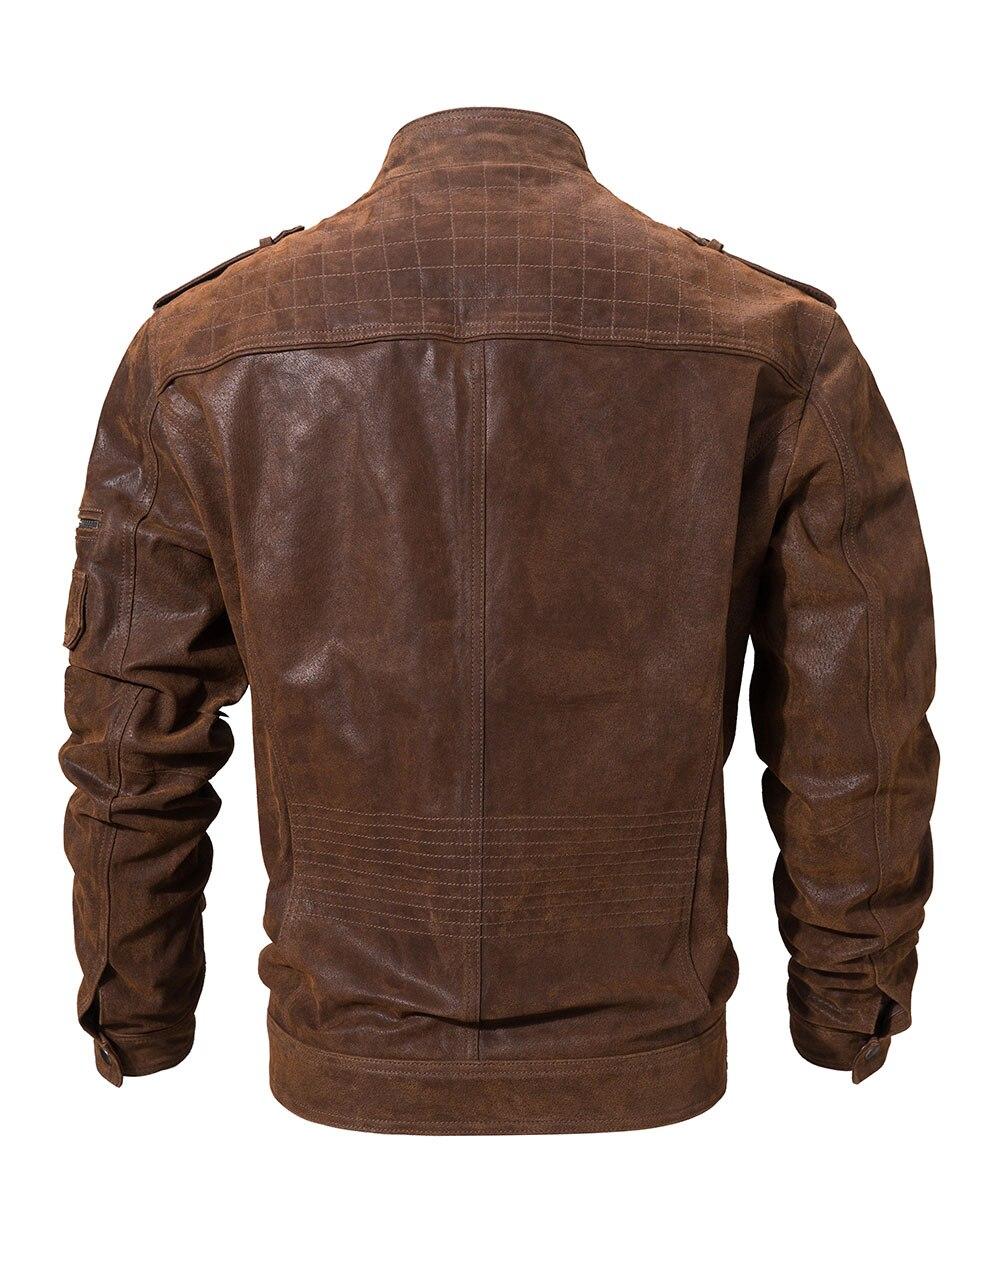 H3cc004c07a3247c48e454dbb92f23d1d2 Men's Pigskin Real Leather Jacket Genuine Leather Jackets Motorcycle Jacket Coat Men